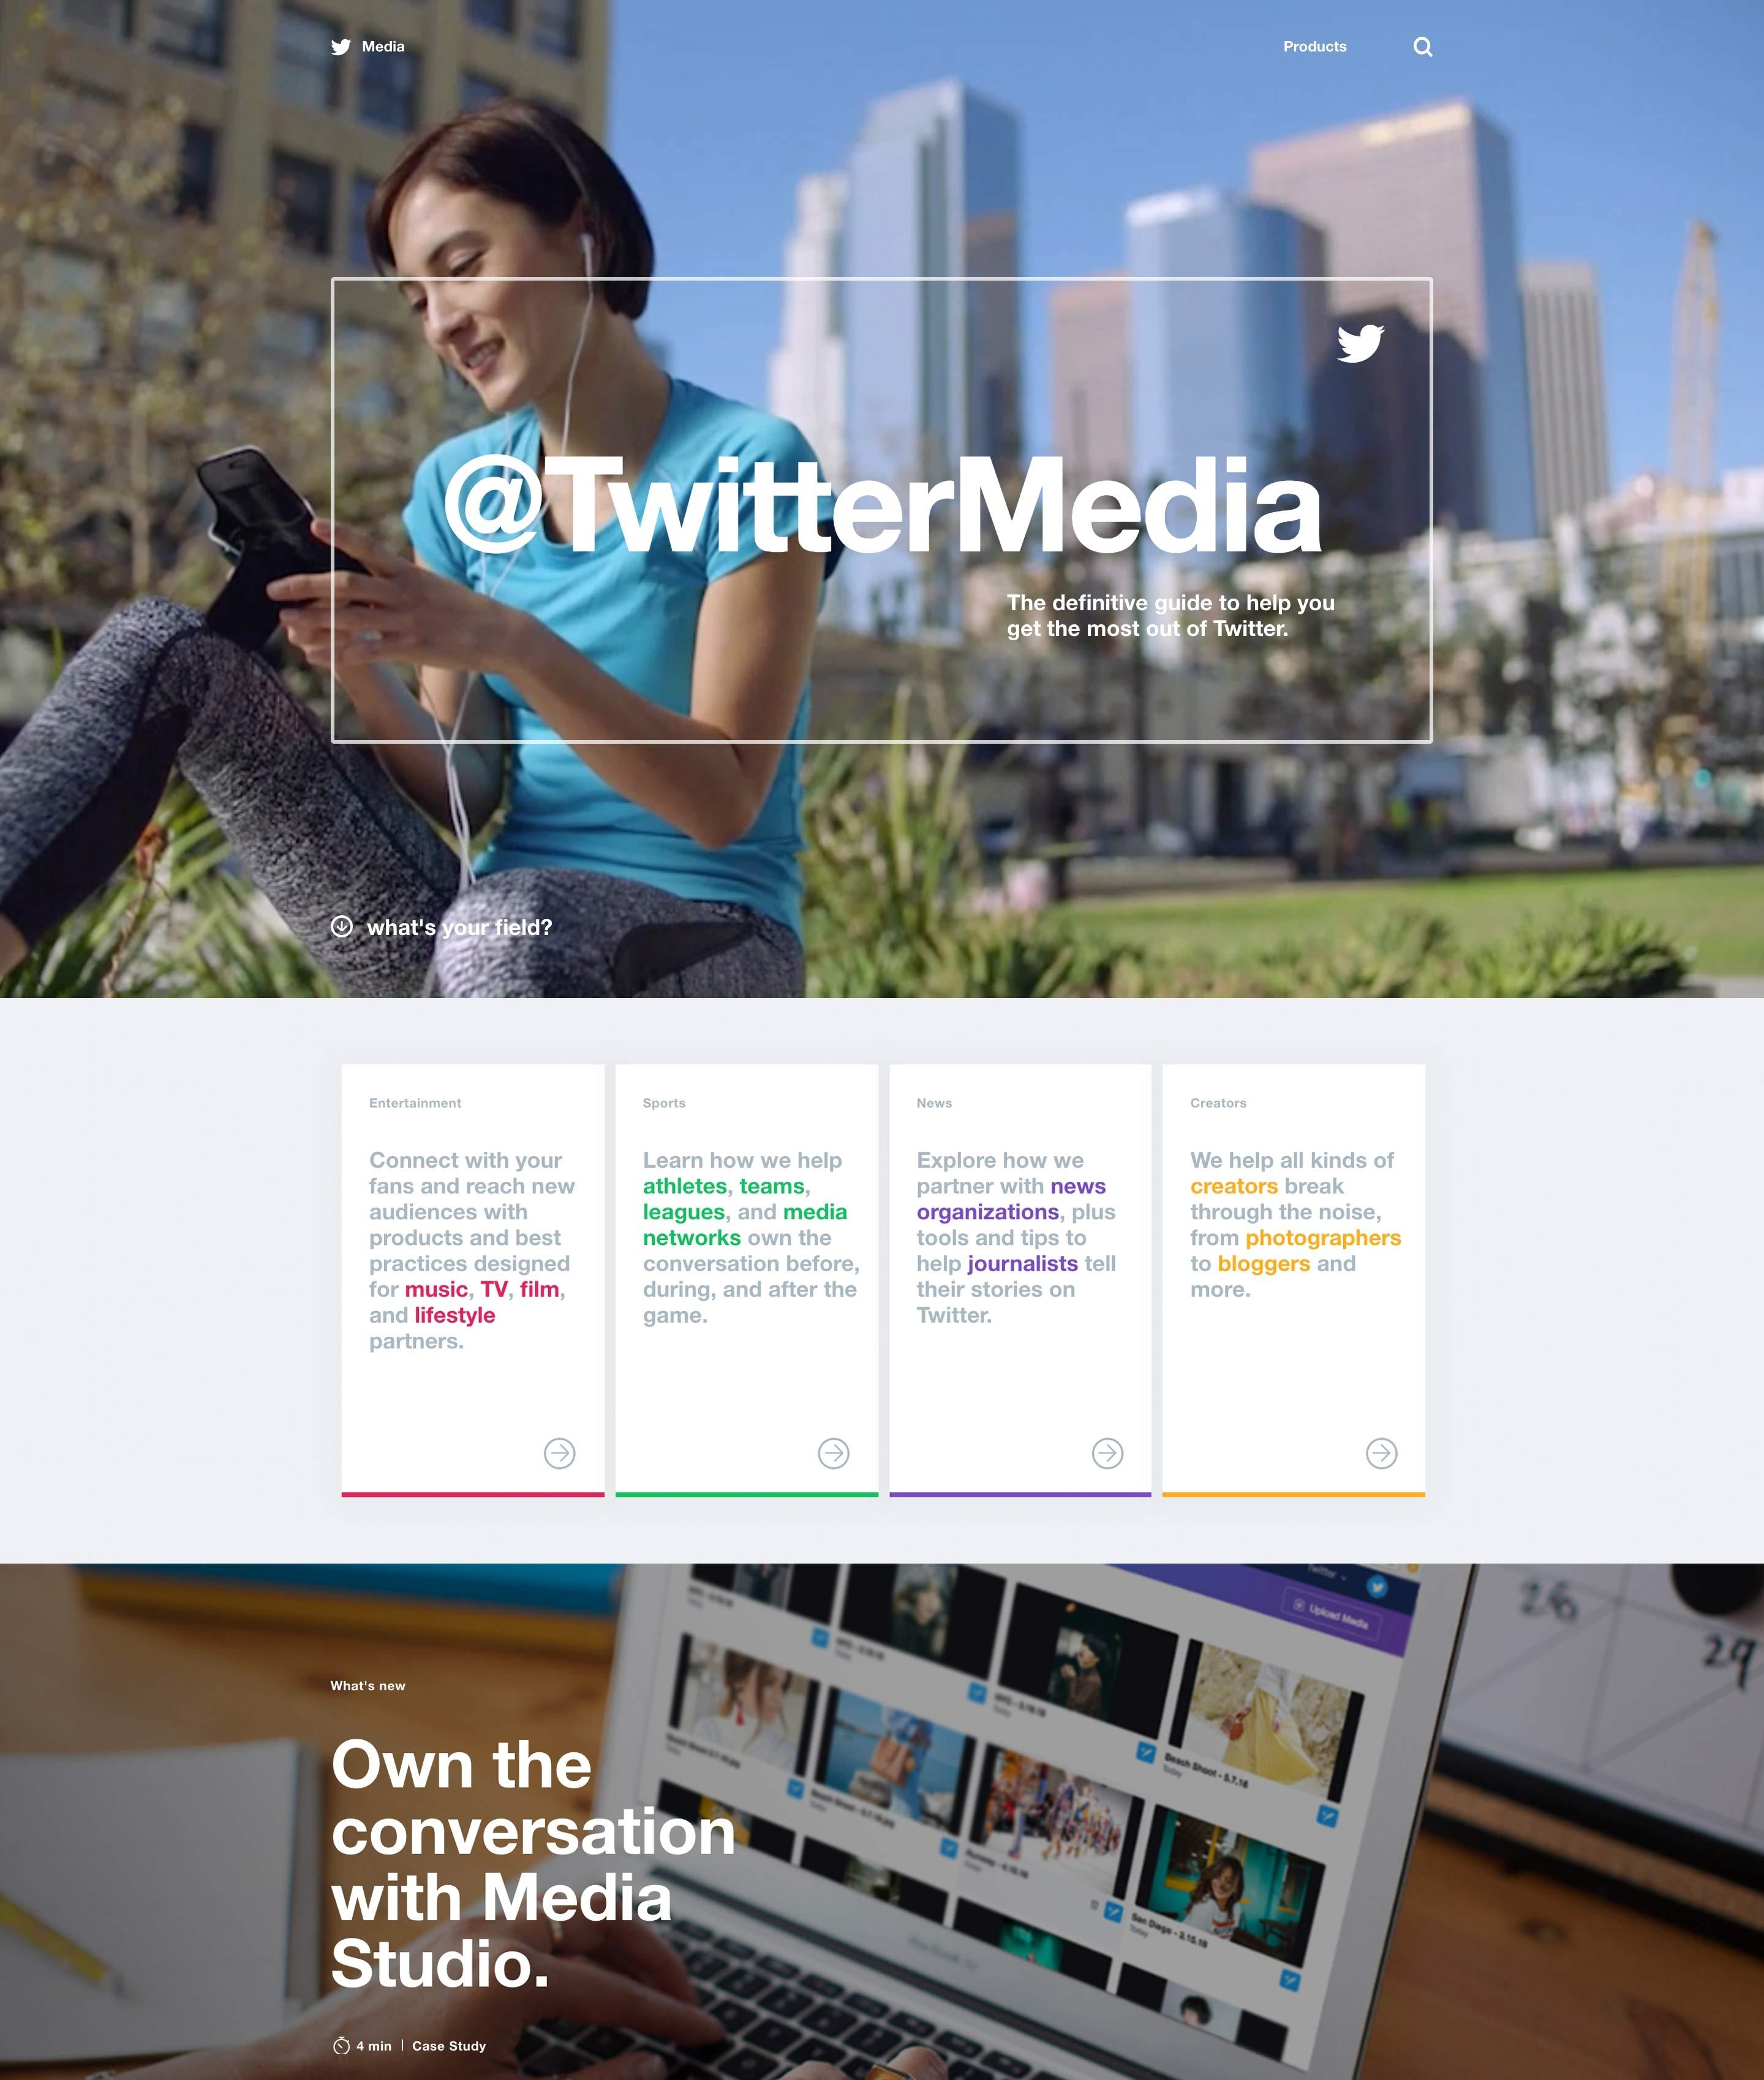 Twitter lanza una web dedicada a ayudar a medios y periodistas